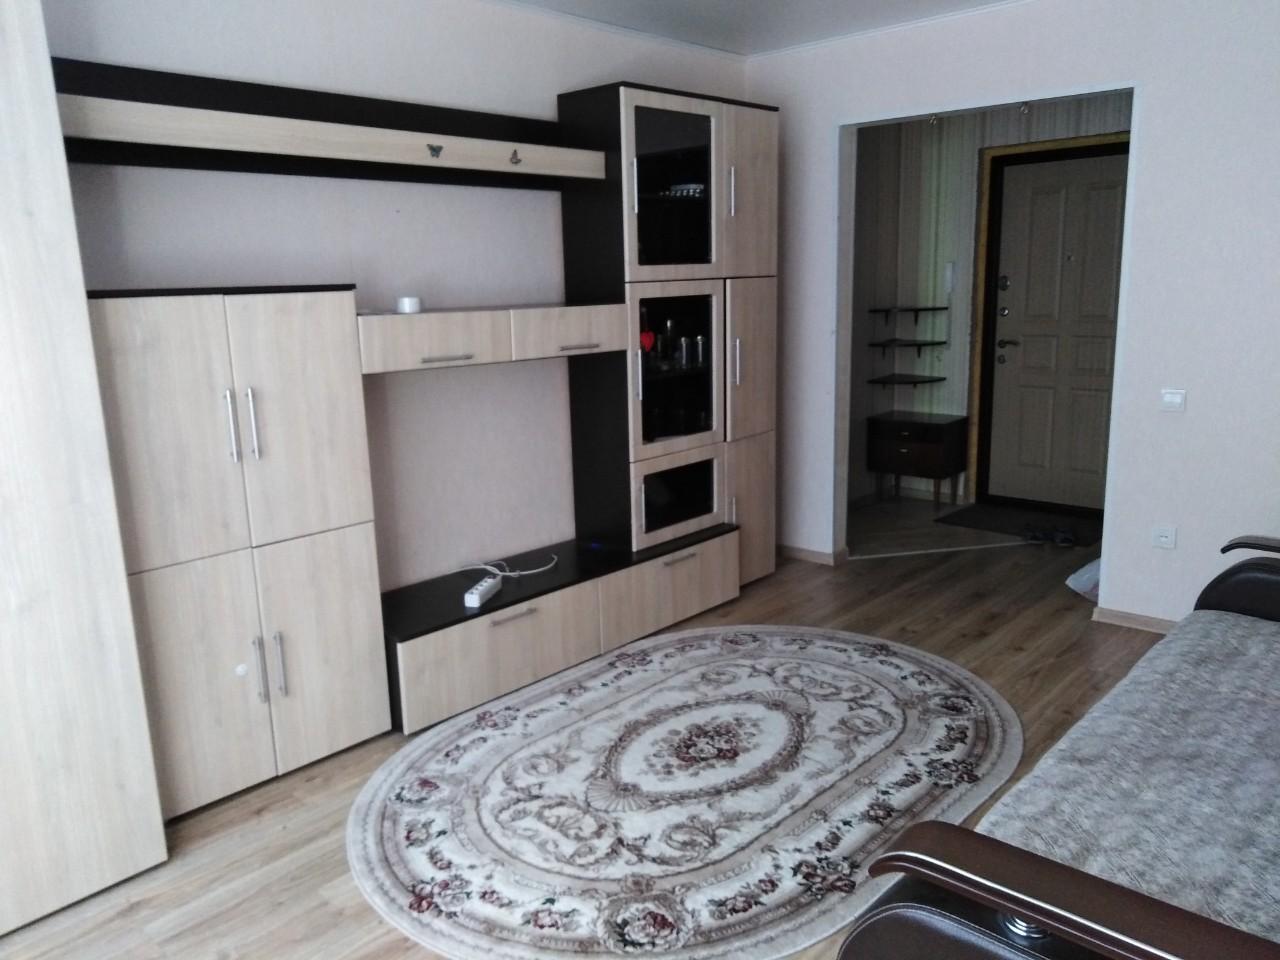 Сдам 1-комнатную квартиру в городе Саратов, на улице Блинова,  29, 9-этаж 10-этажного панельный дома, площадь: 36/0/9 м2